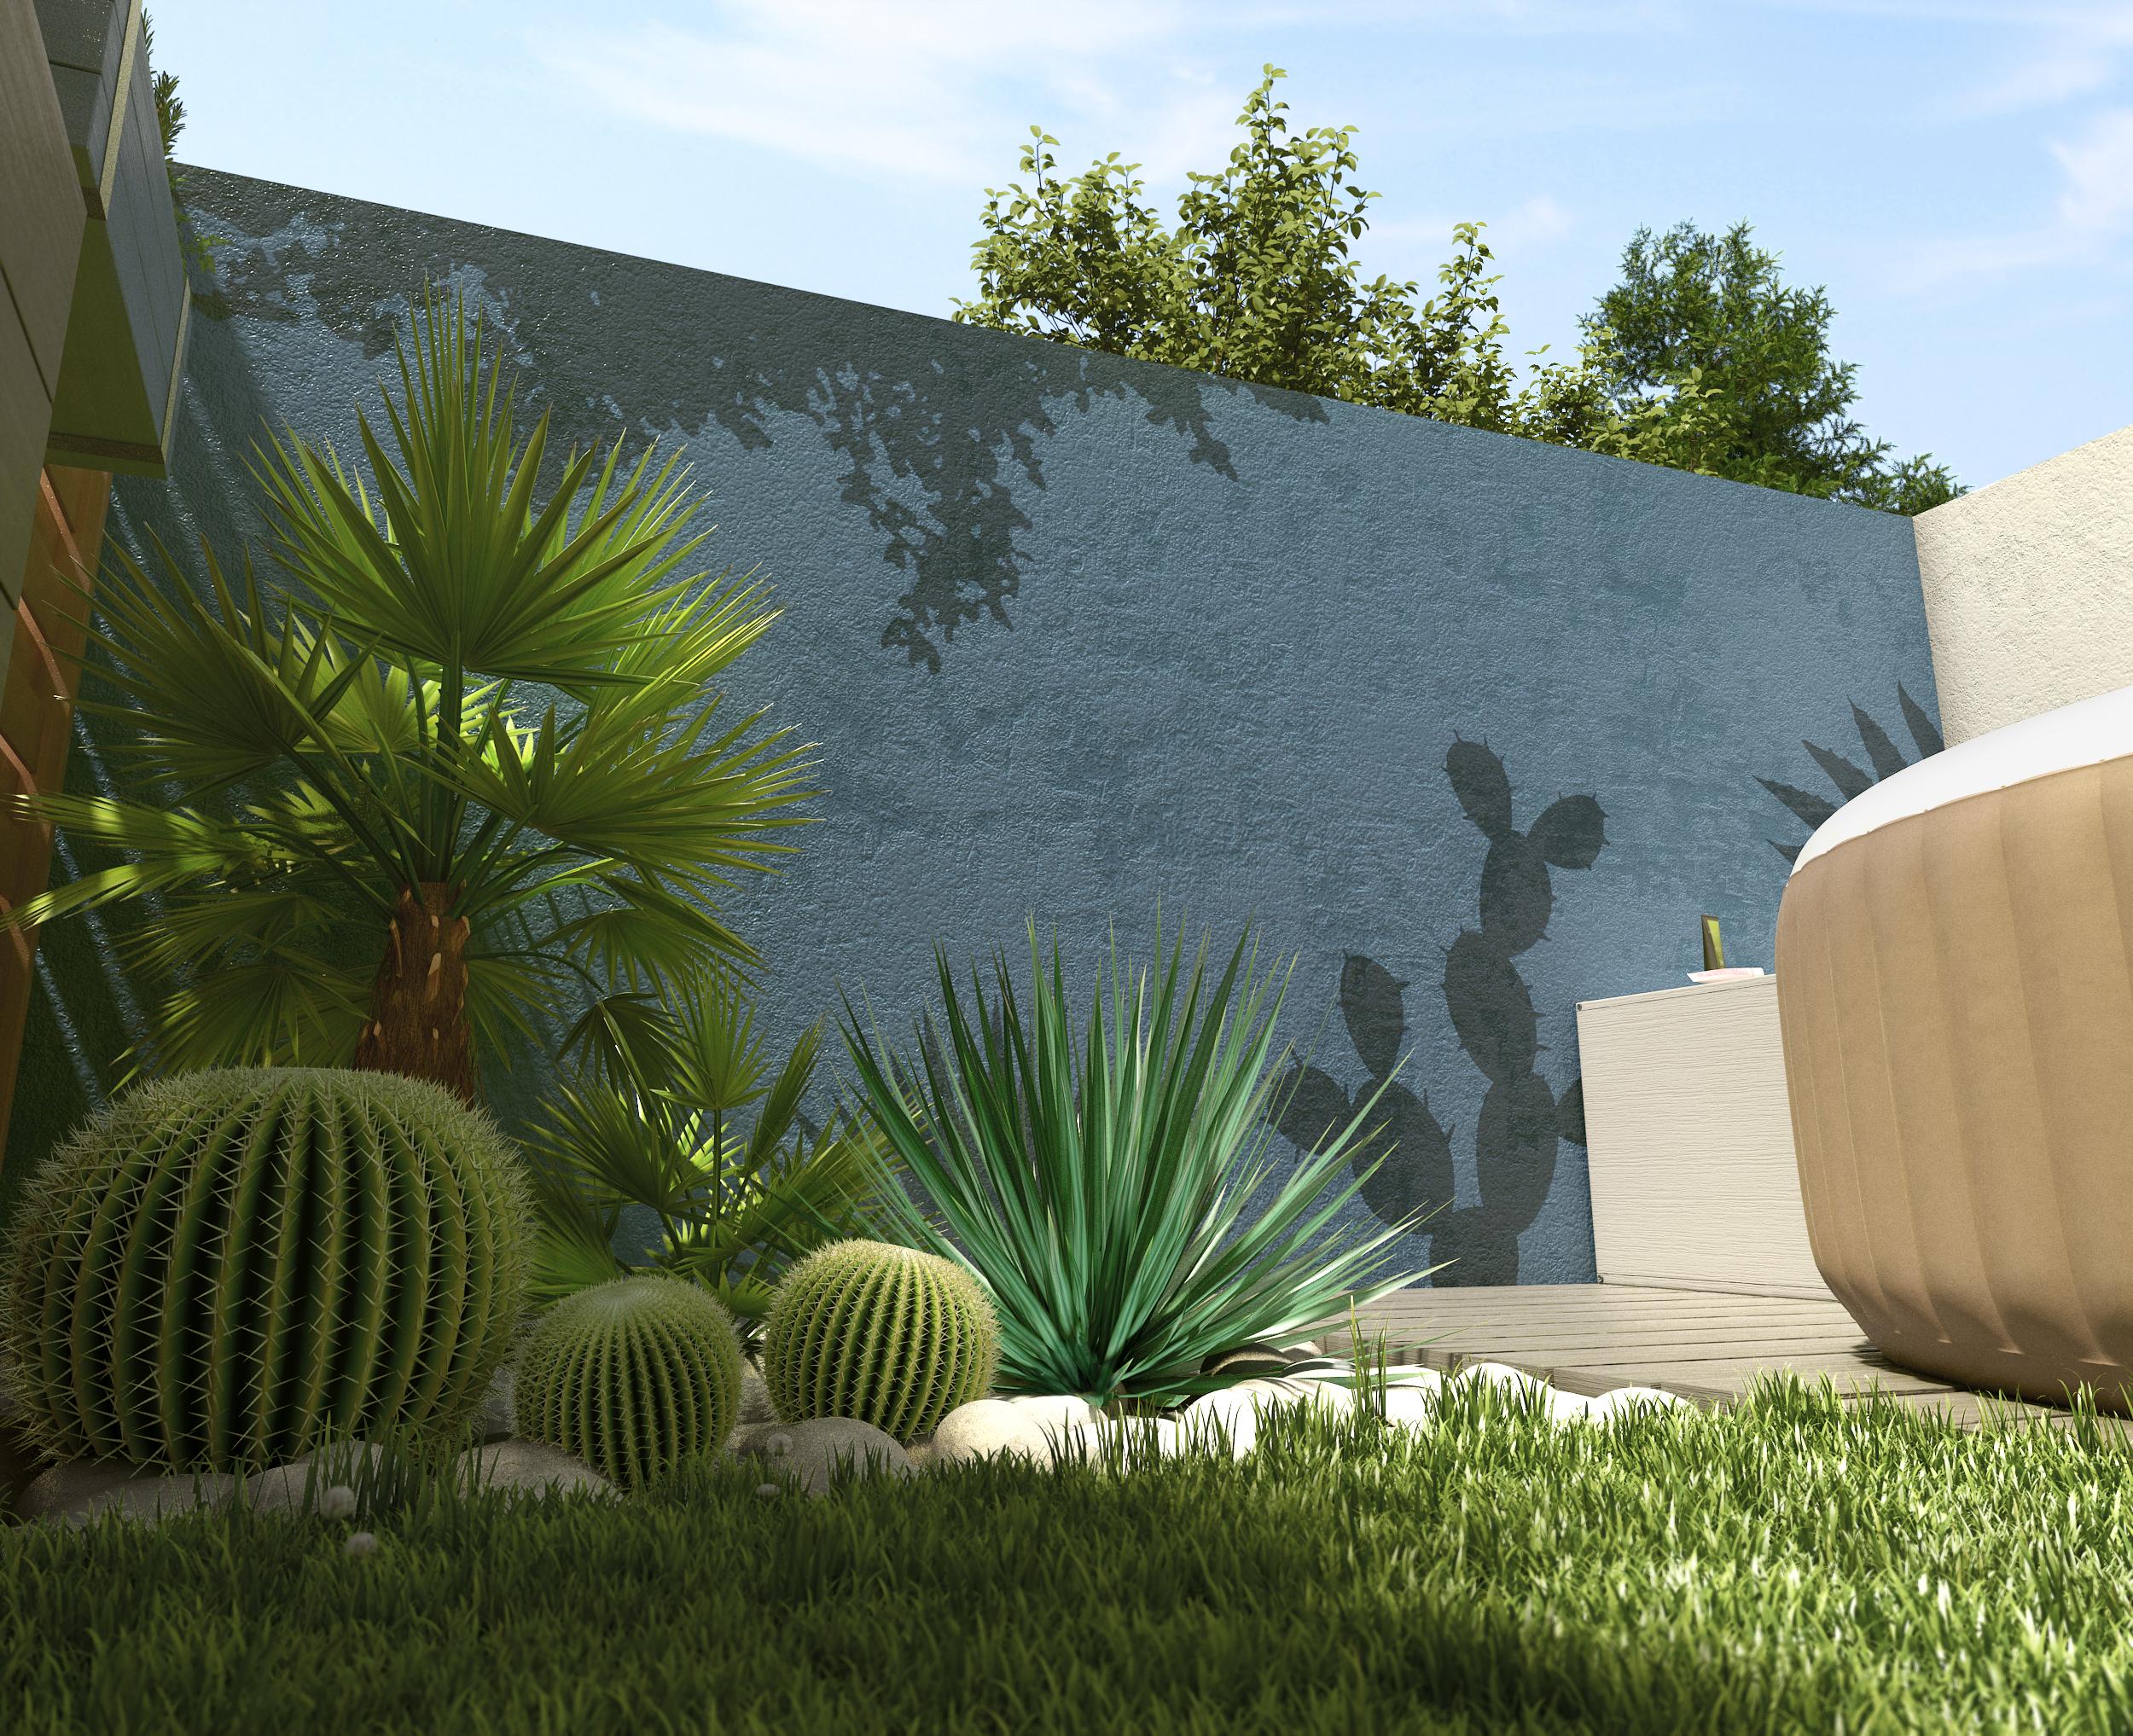 Dripmoon-archvis-graphiste3D-architecture-images-3D-emag11 (1)